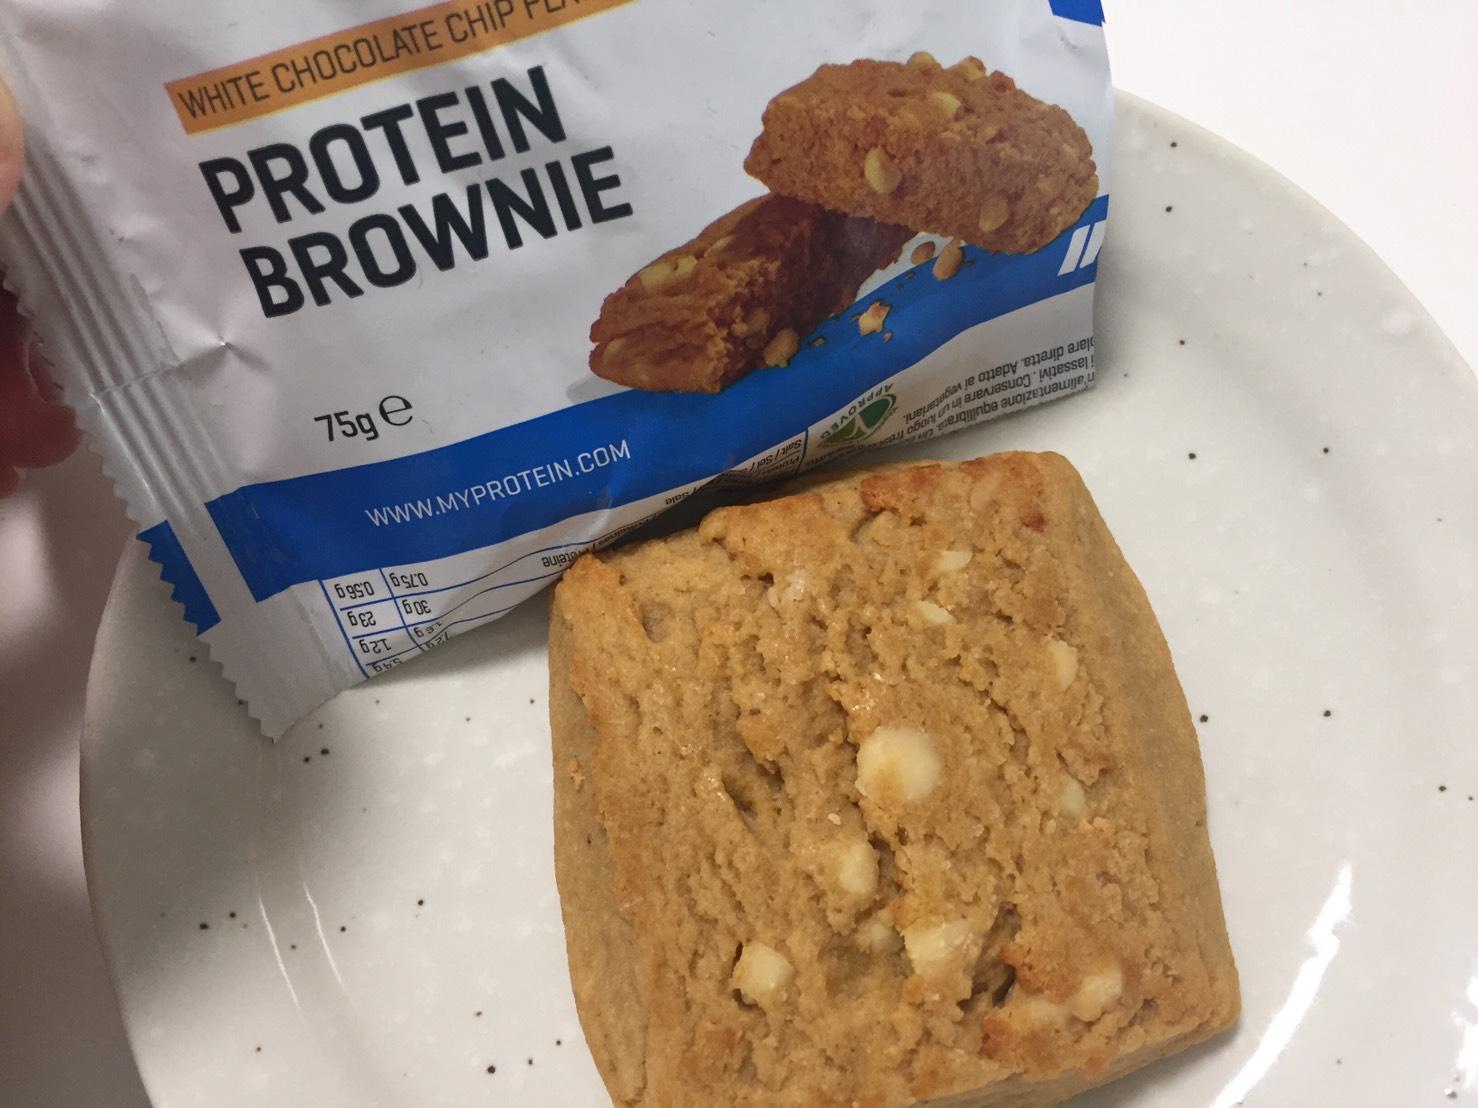 プロテイン・ブラウニー(Protein Brownie)「WHITE CHOCOLATE CHIP FLAVOUR(ホワイトチョコレートチップ味)」を開封した様子